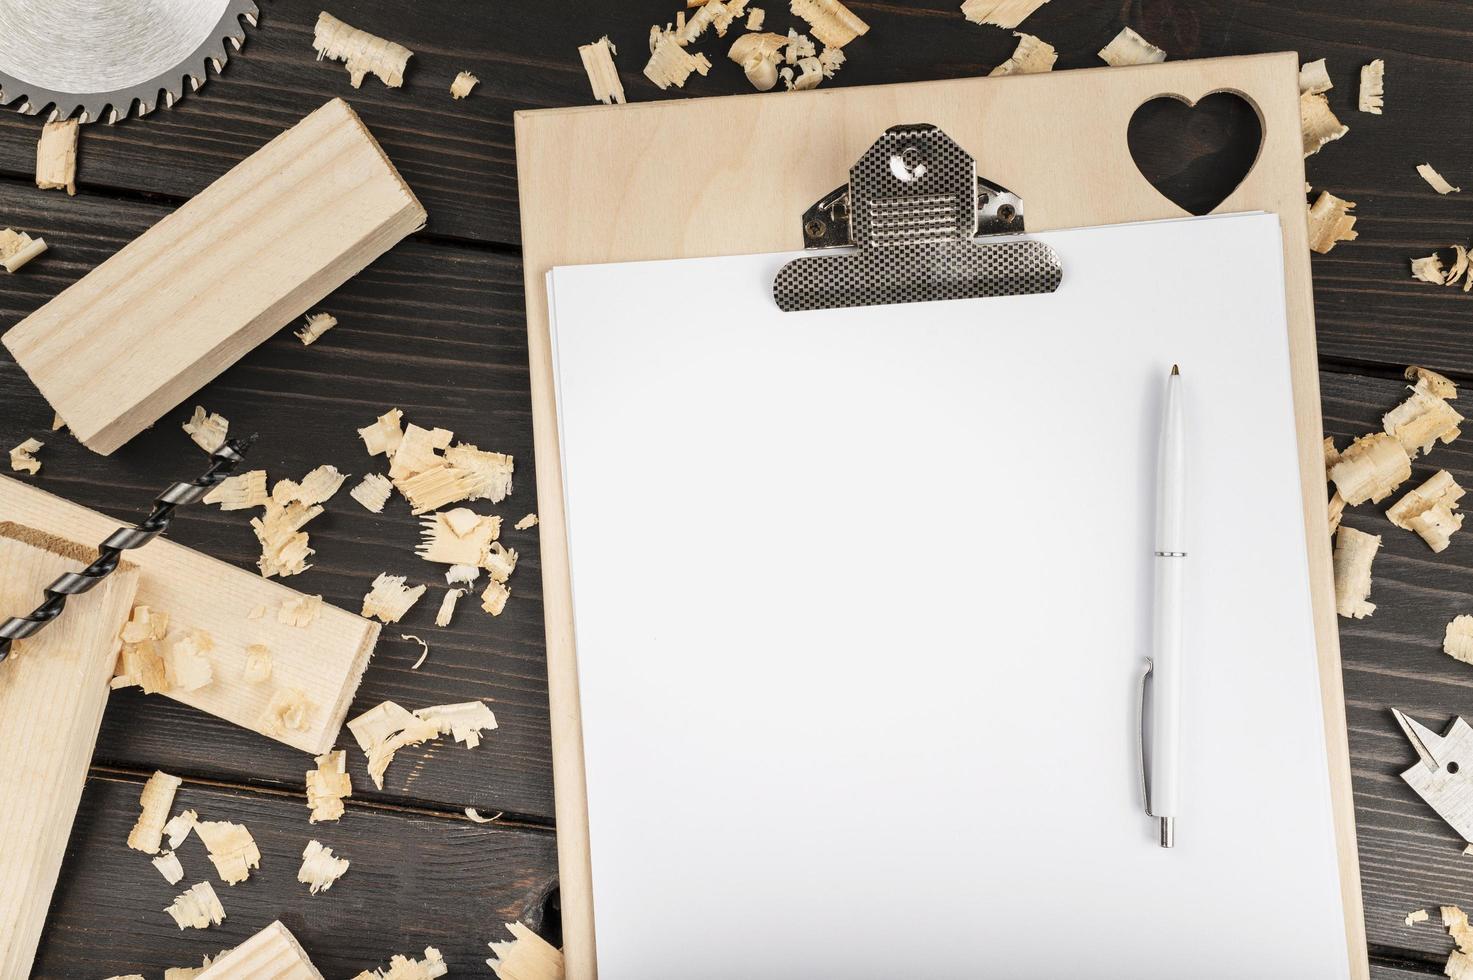 appunti con copia spazio, piano scrivania con trucioli di legno foto